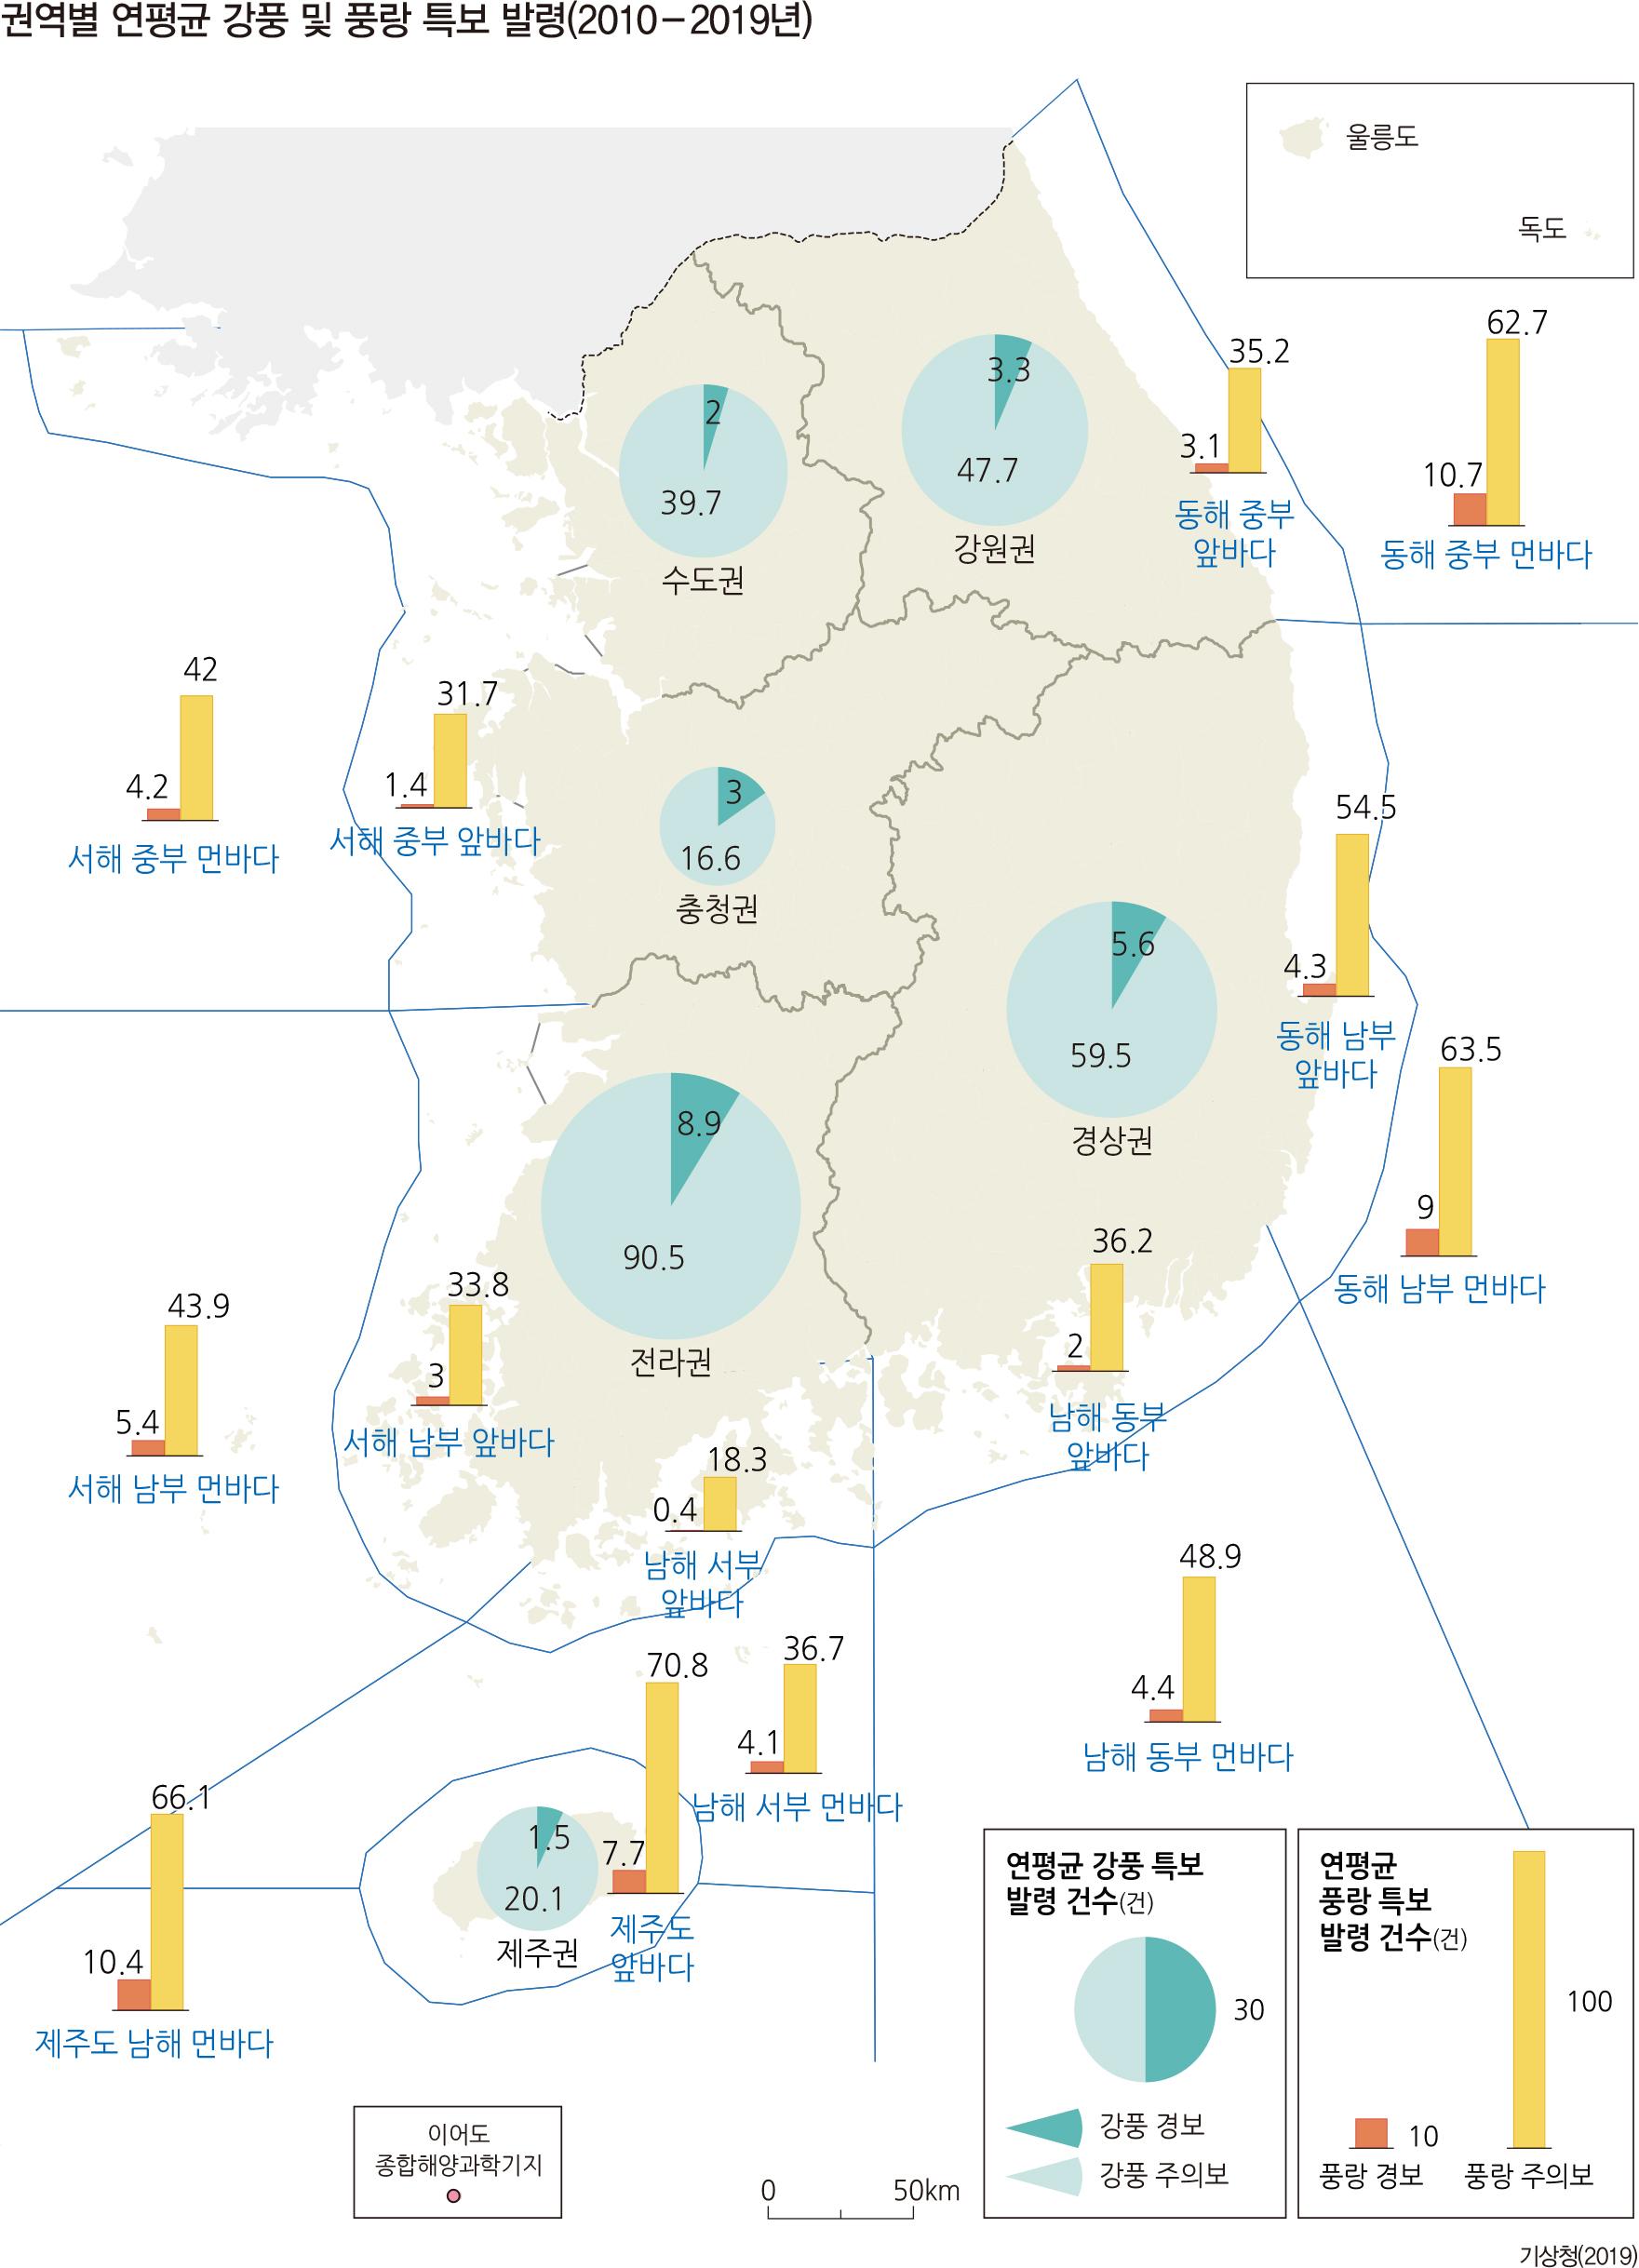 권역별 연평균 강풍 및 풍랑 특보 발령(2010-2019년)